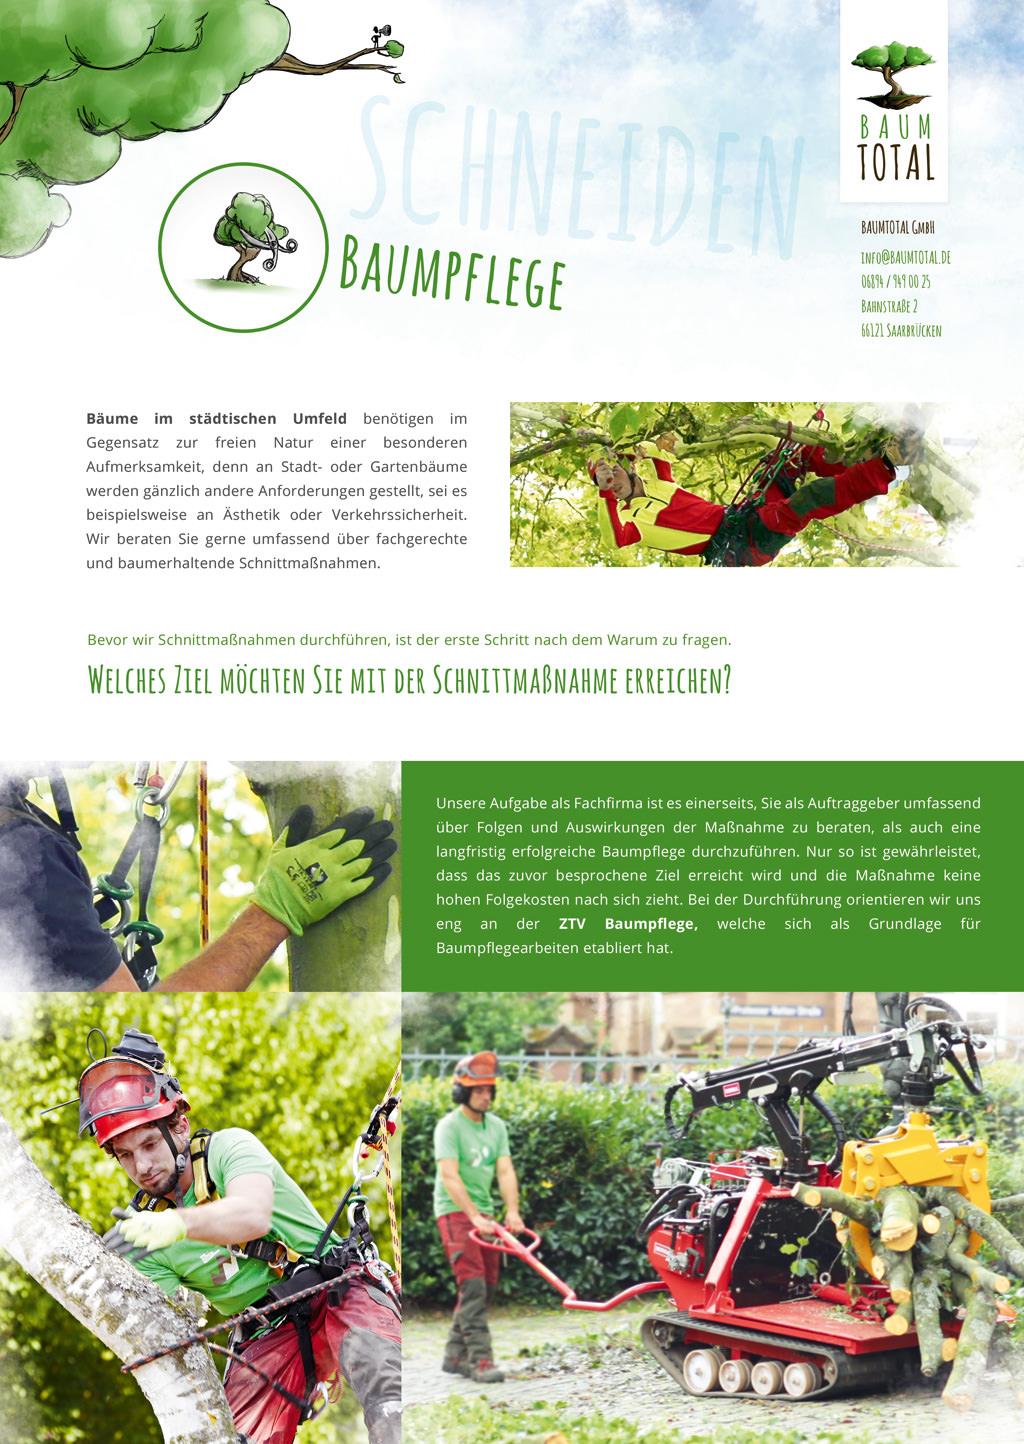 Mappeneinleger Baumtotal Baumpflege Schneiden DRUCKFINAL FRONT 1